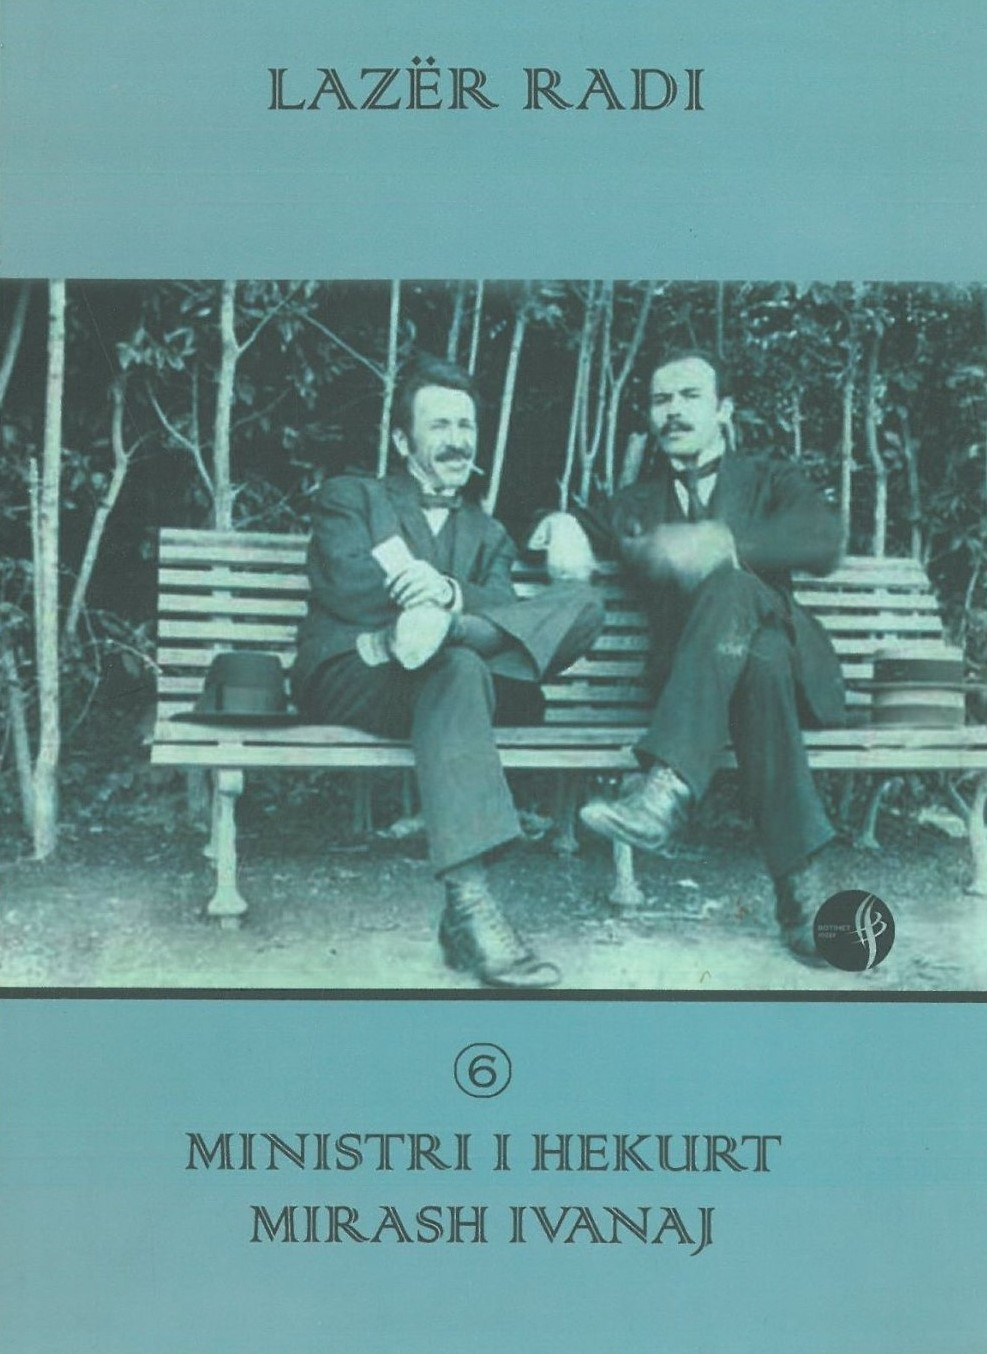 Ministri i hekurt Mirash Ivanaj